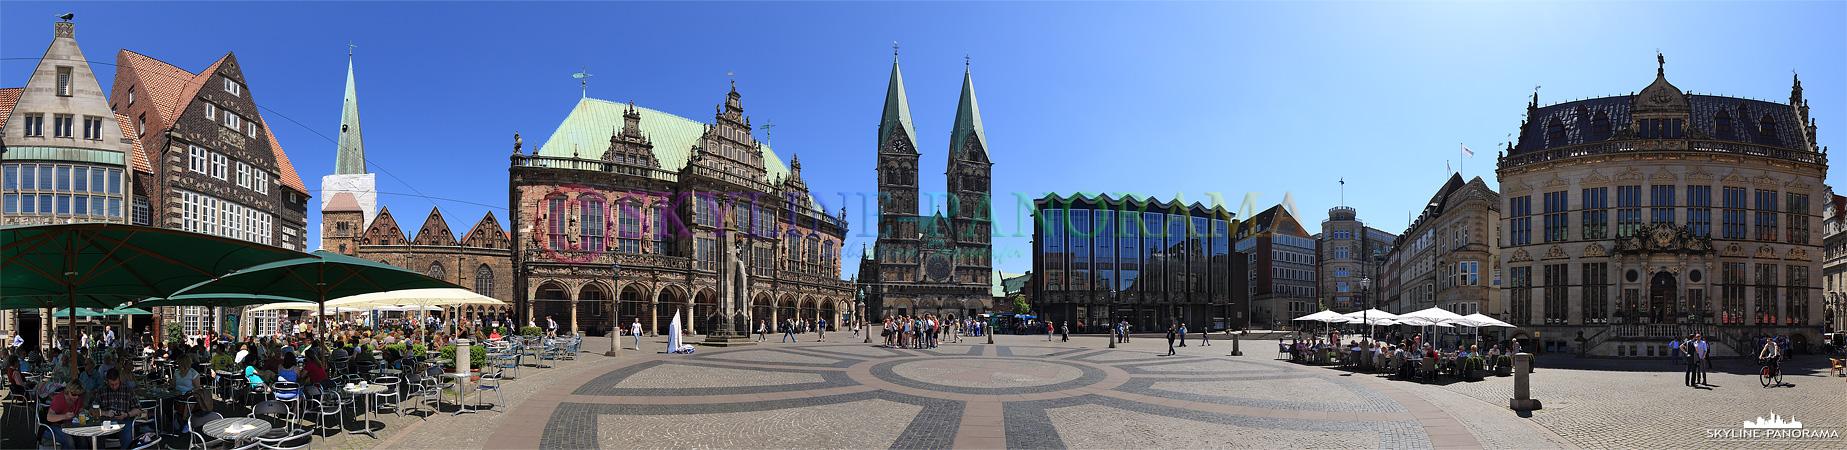 Sehenswürdigkeiten in Bremen - Der Bremer Marktplatz als Panorama mit dem Bremer Rathaus und dem Sankt Petri Dom.